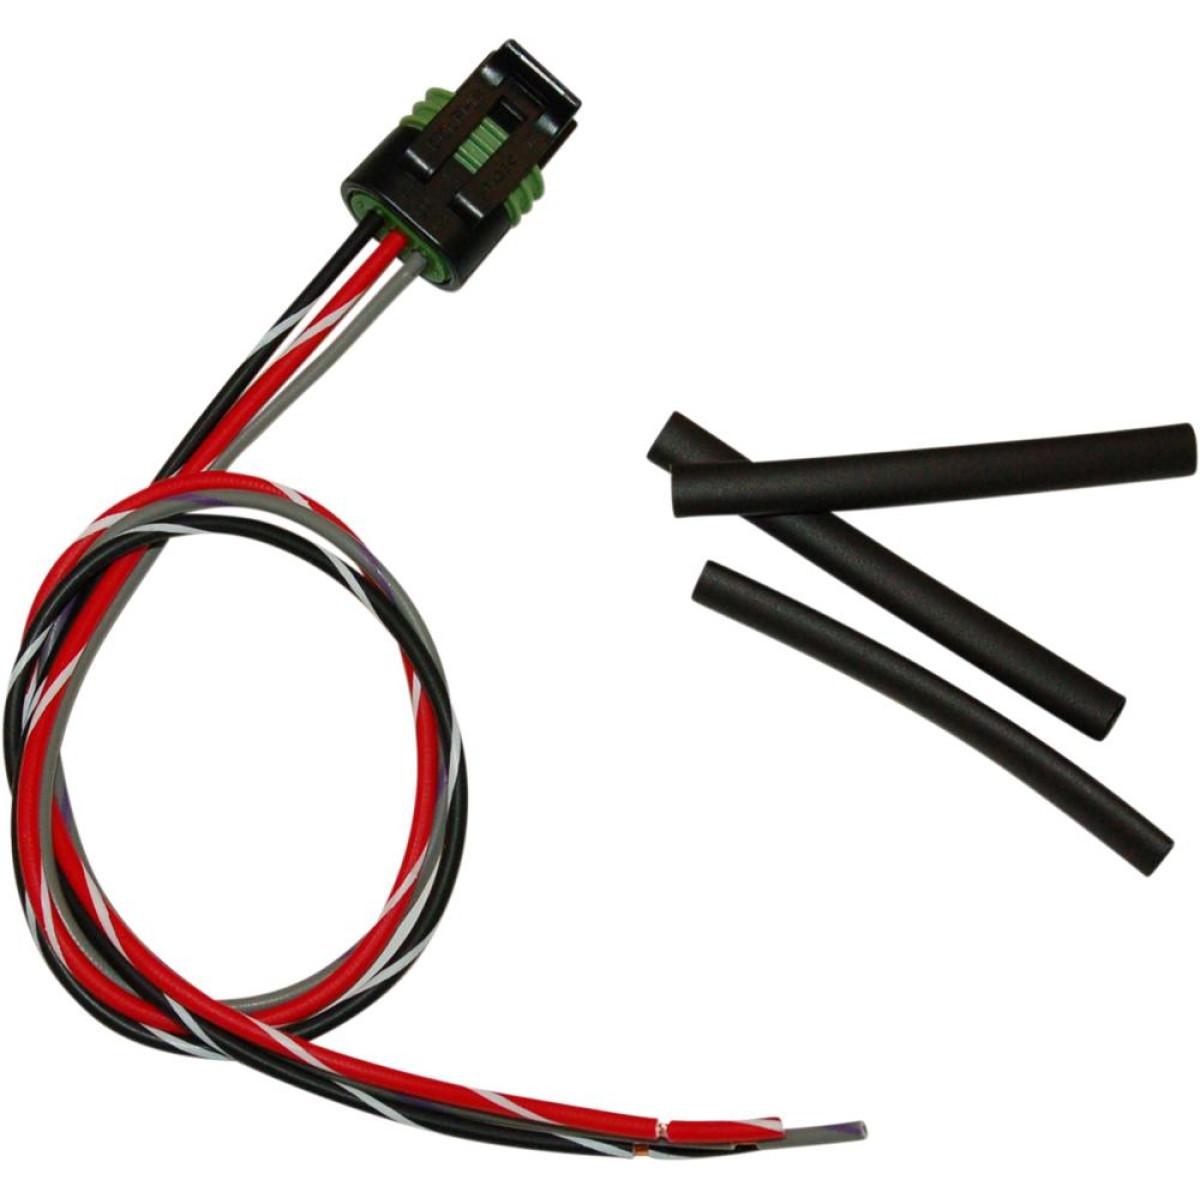 Throttle Position Sensor Harley Davidson: Namz Delphi PigTail Connector 2-Position Plug For Throttle